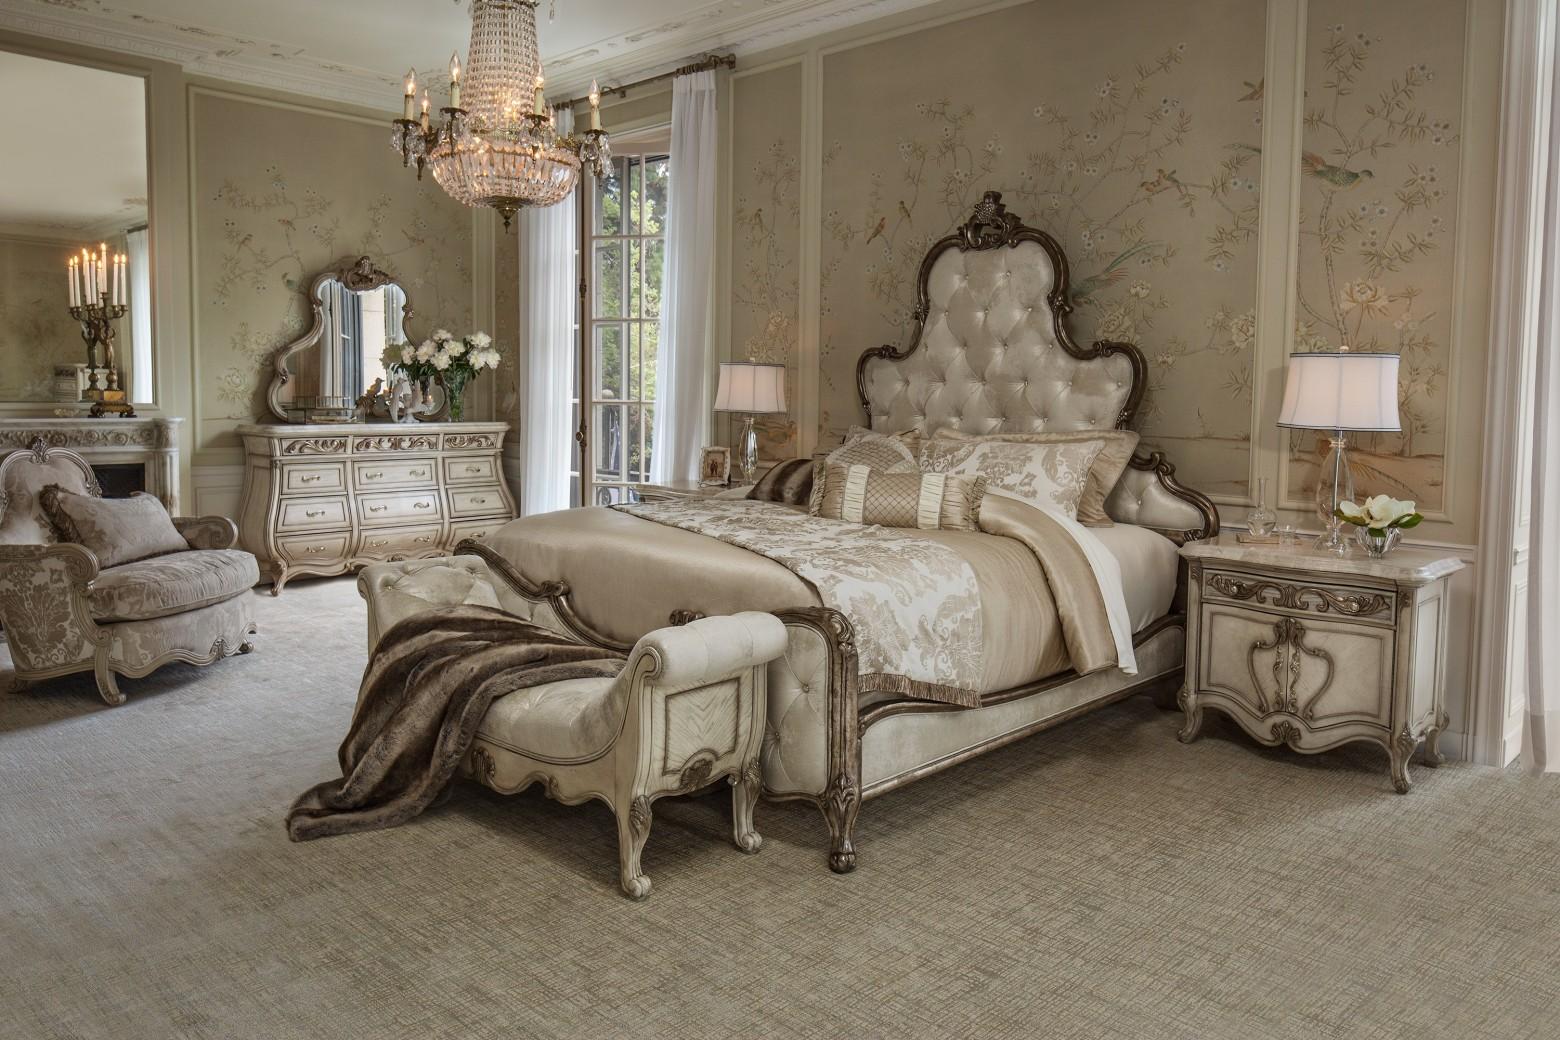 AICO 09000 Platine de Royale Bedroom set by Michael Amini